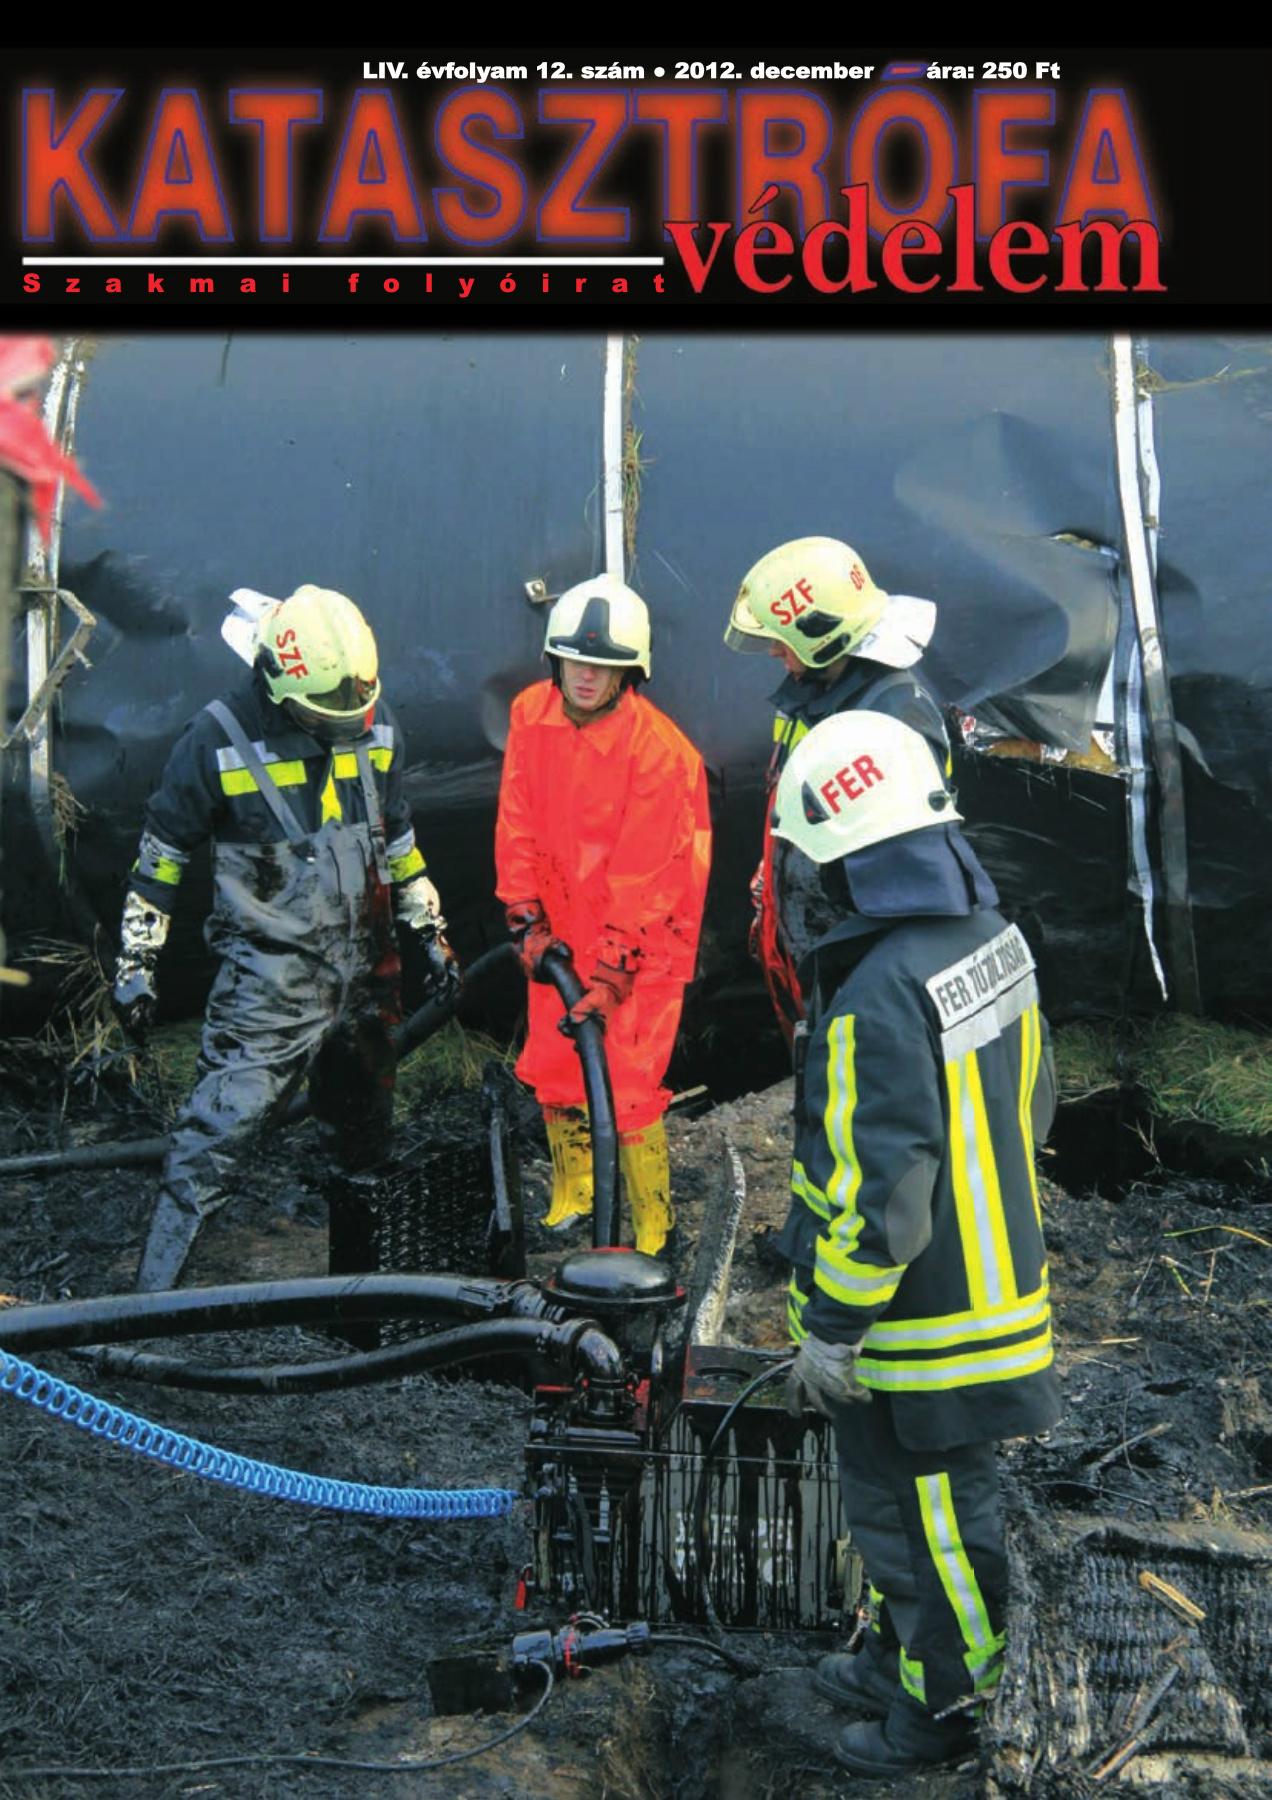 A Katasztrófavédelem magazin LIII. évfolyam 12. szám megtekintése